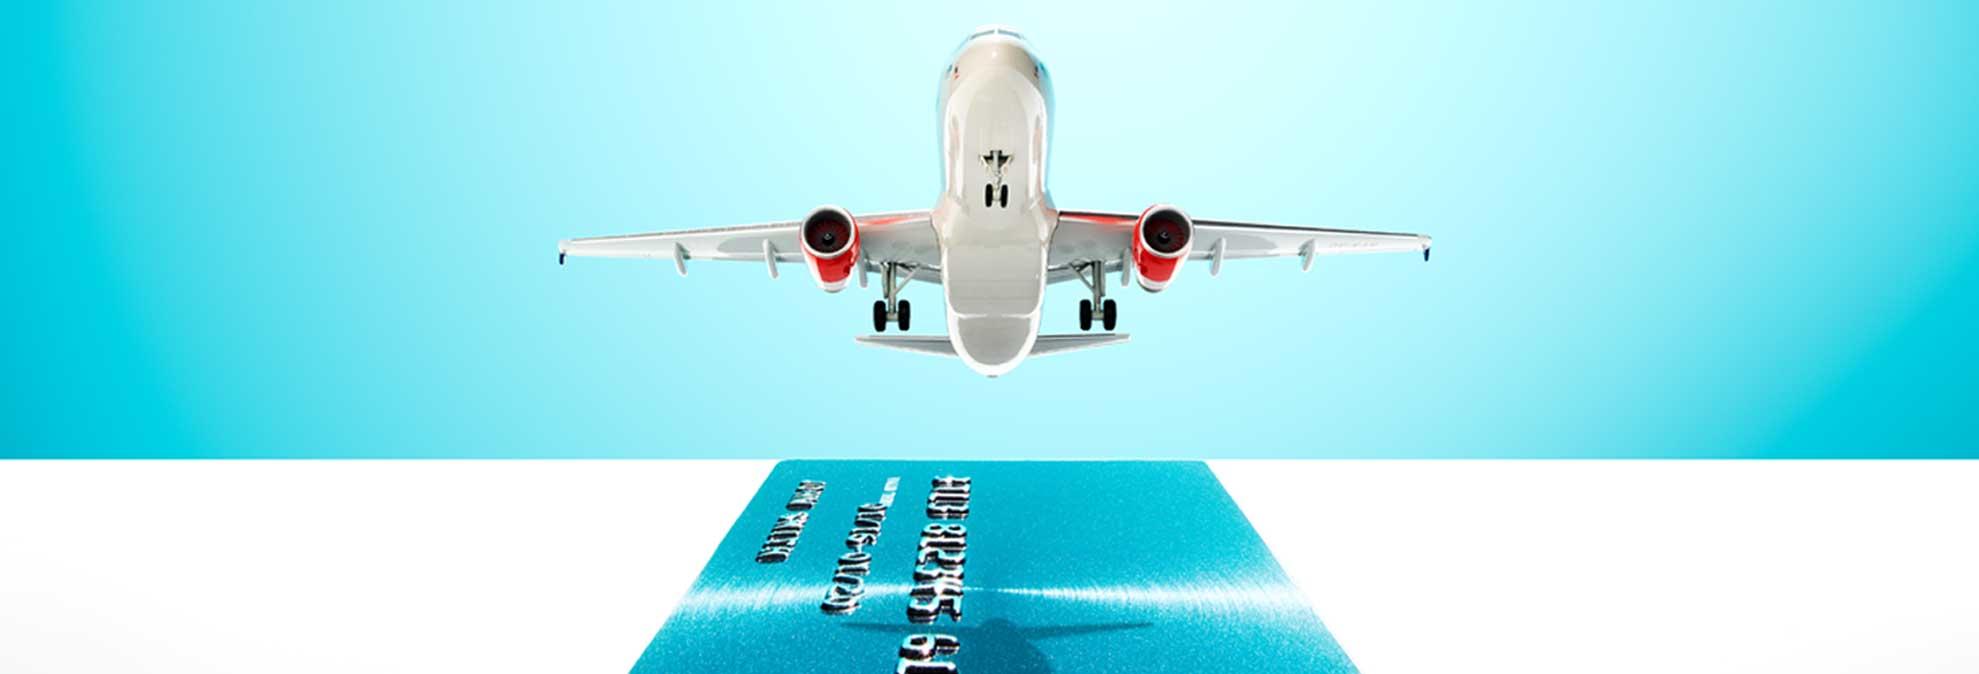 Кредитная карта и путешествия, кэшбэк и условия